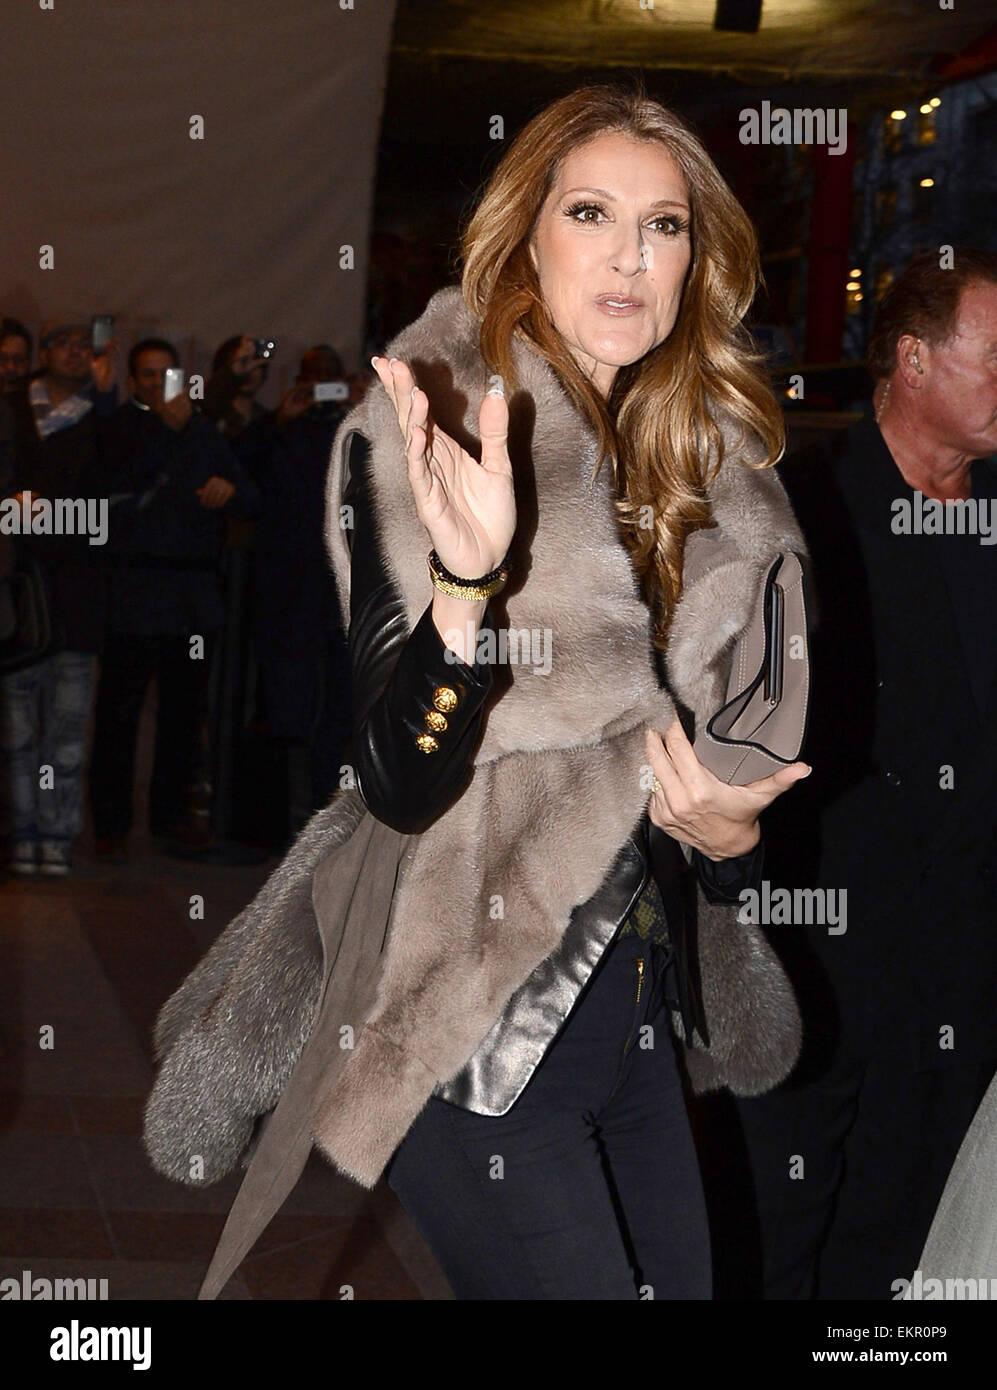 Celine Dion 2012